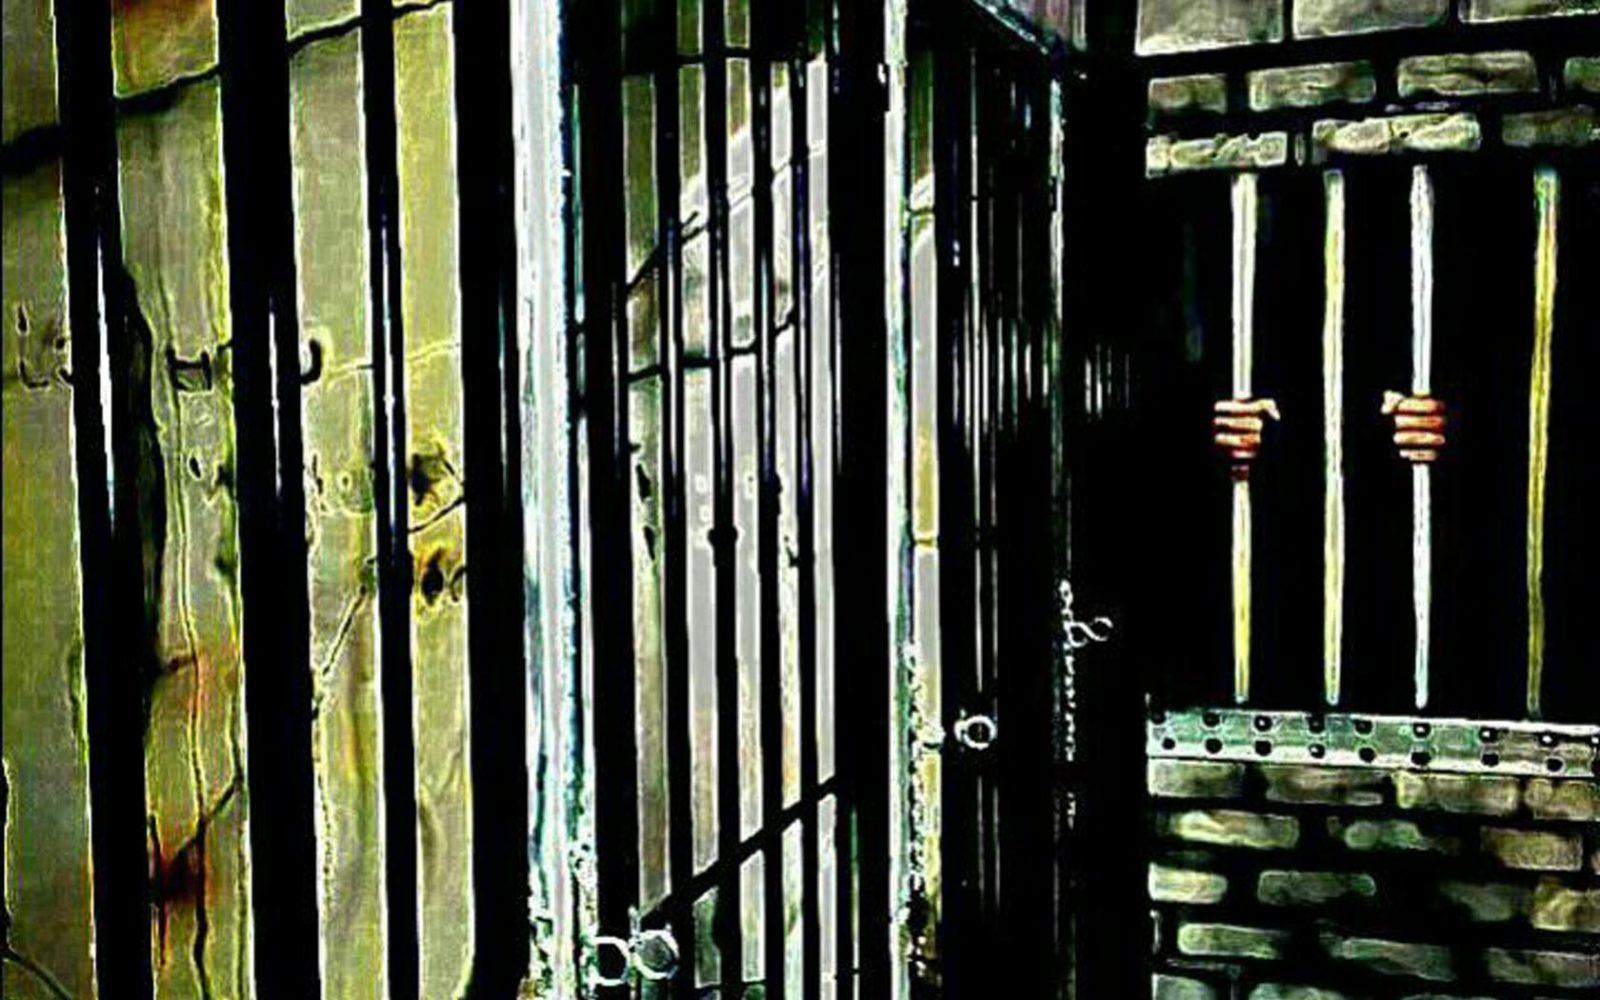 Hapisten Firar Korku Evi ve Gerçek Evden Kaçış Oyunu